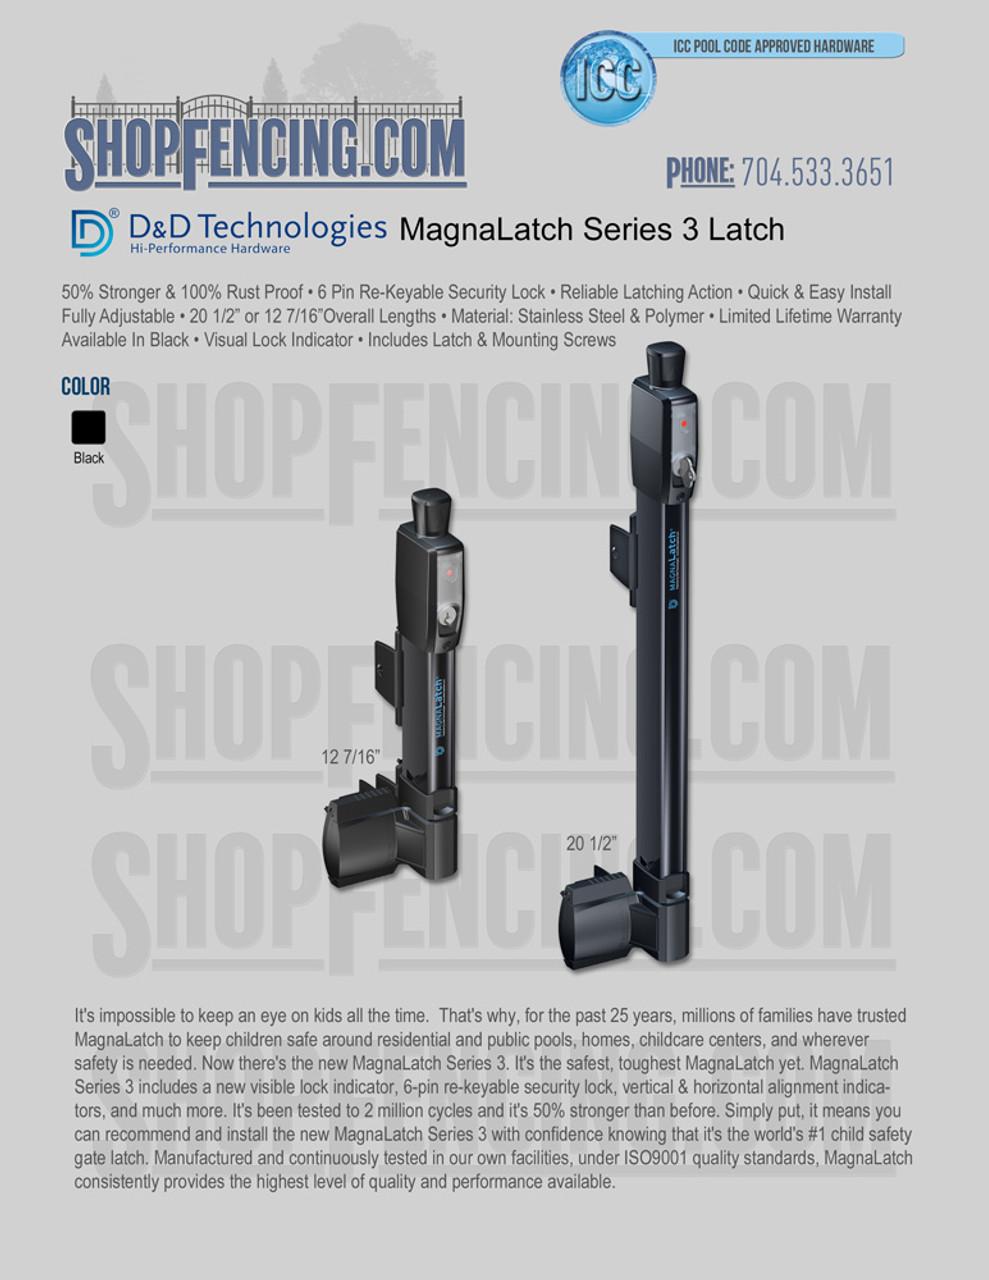 D&D Technologies Series 3 MagnaLatch